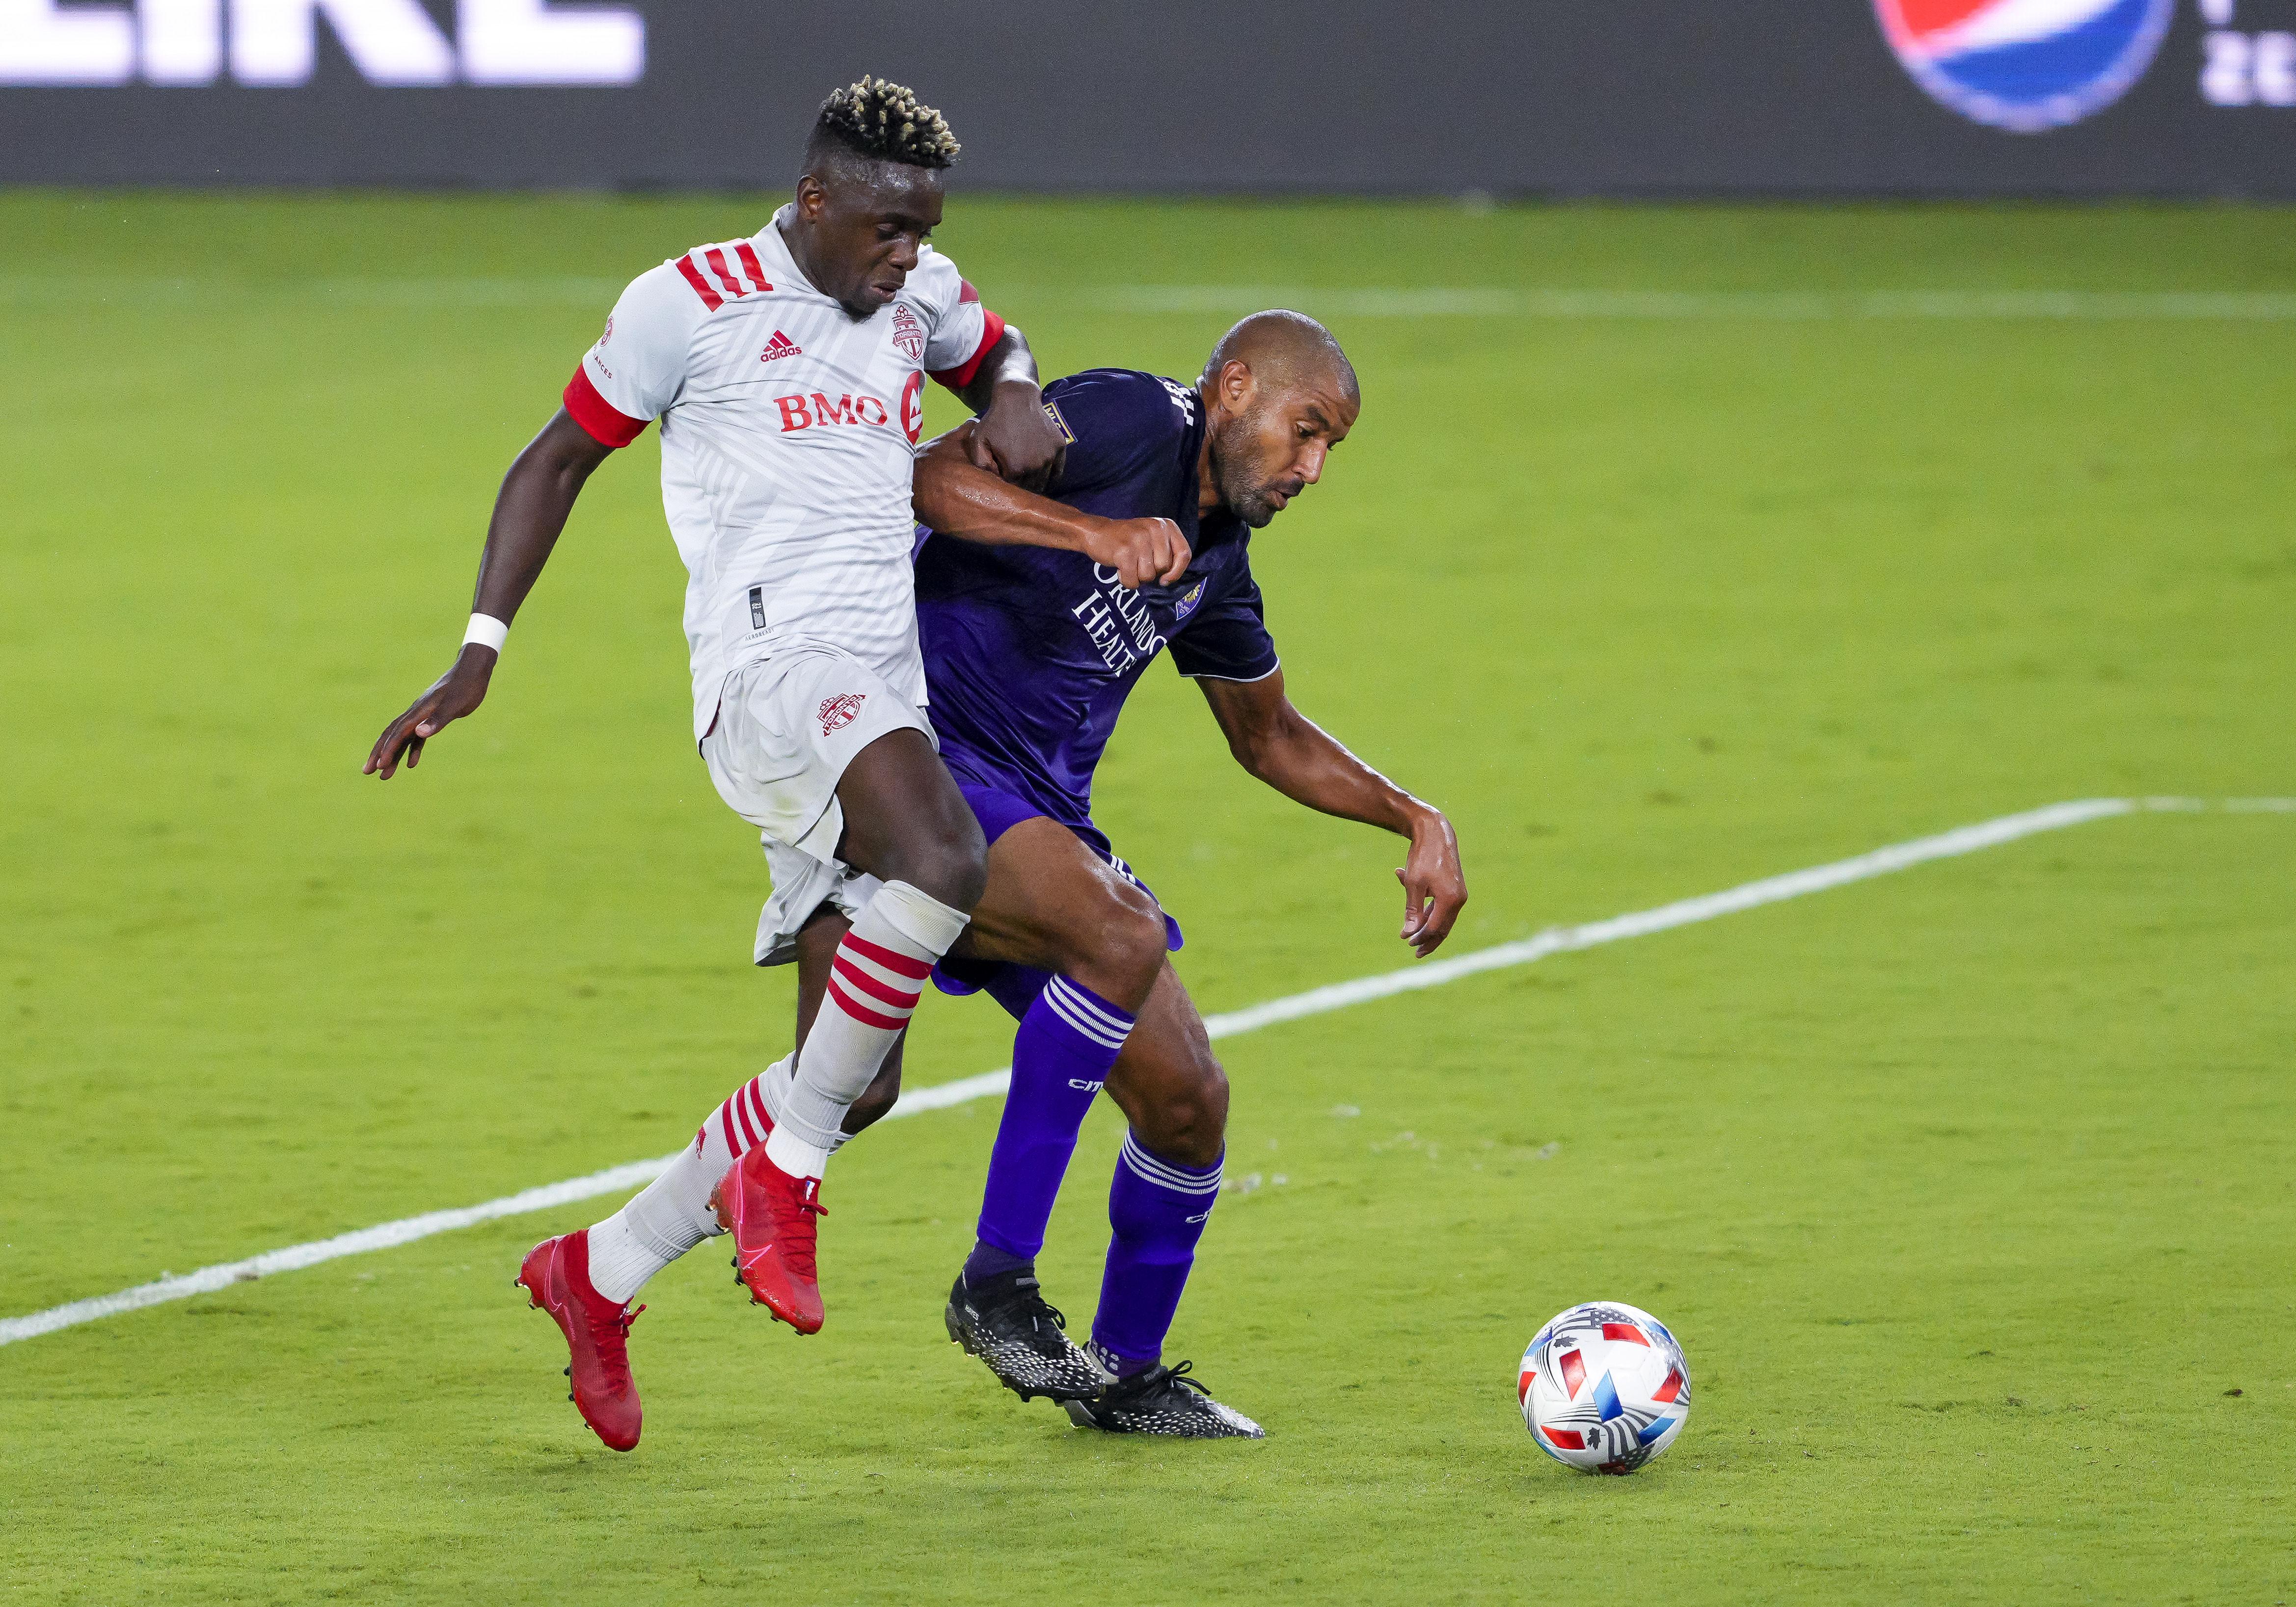 SOCCER: MAY 22 MLS - Toronto FC at Orlando City SC